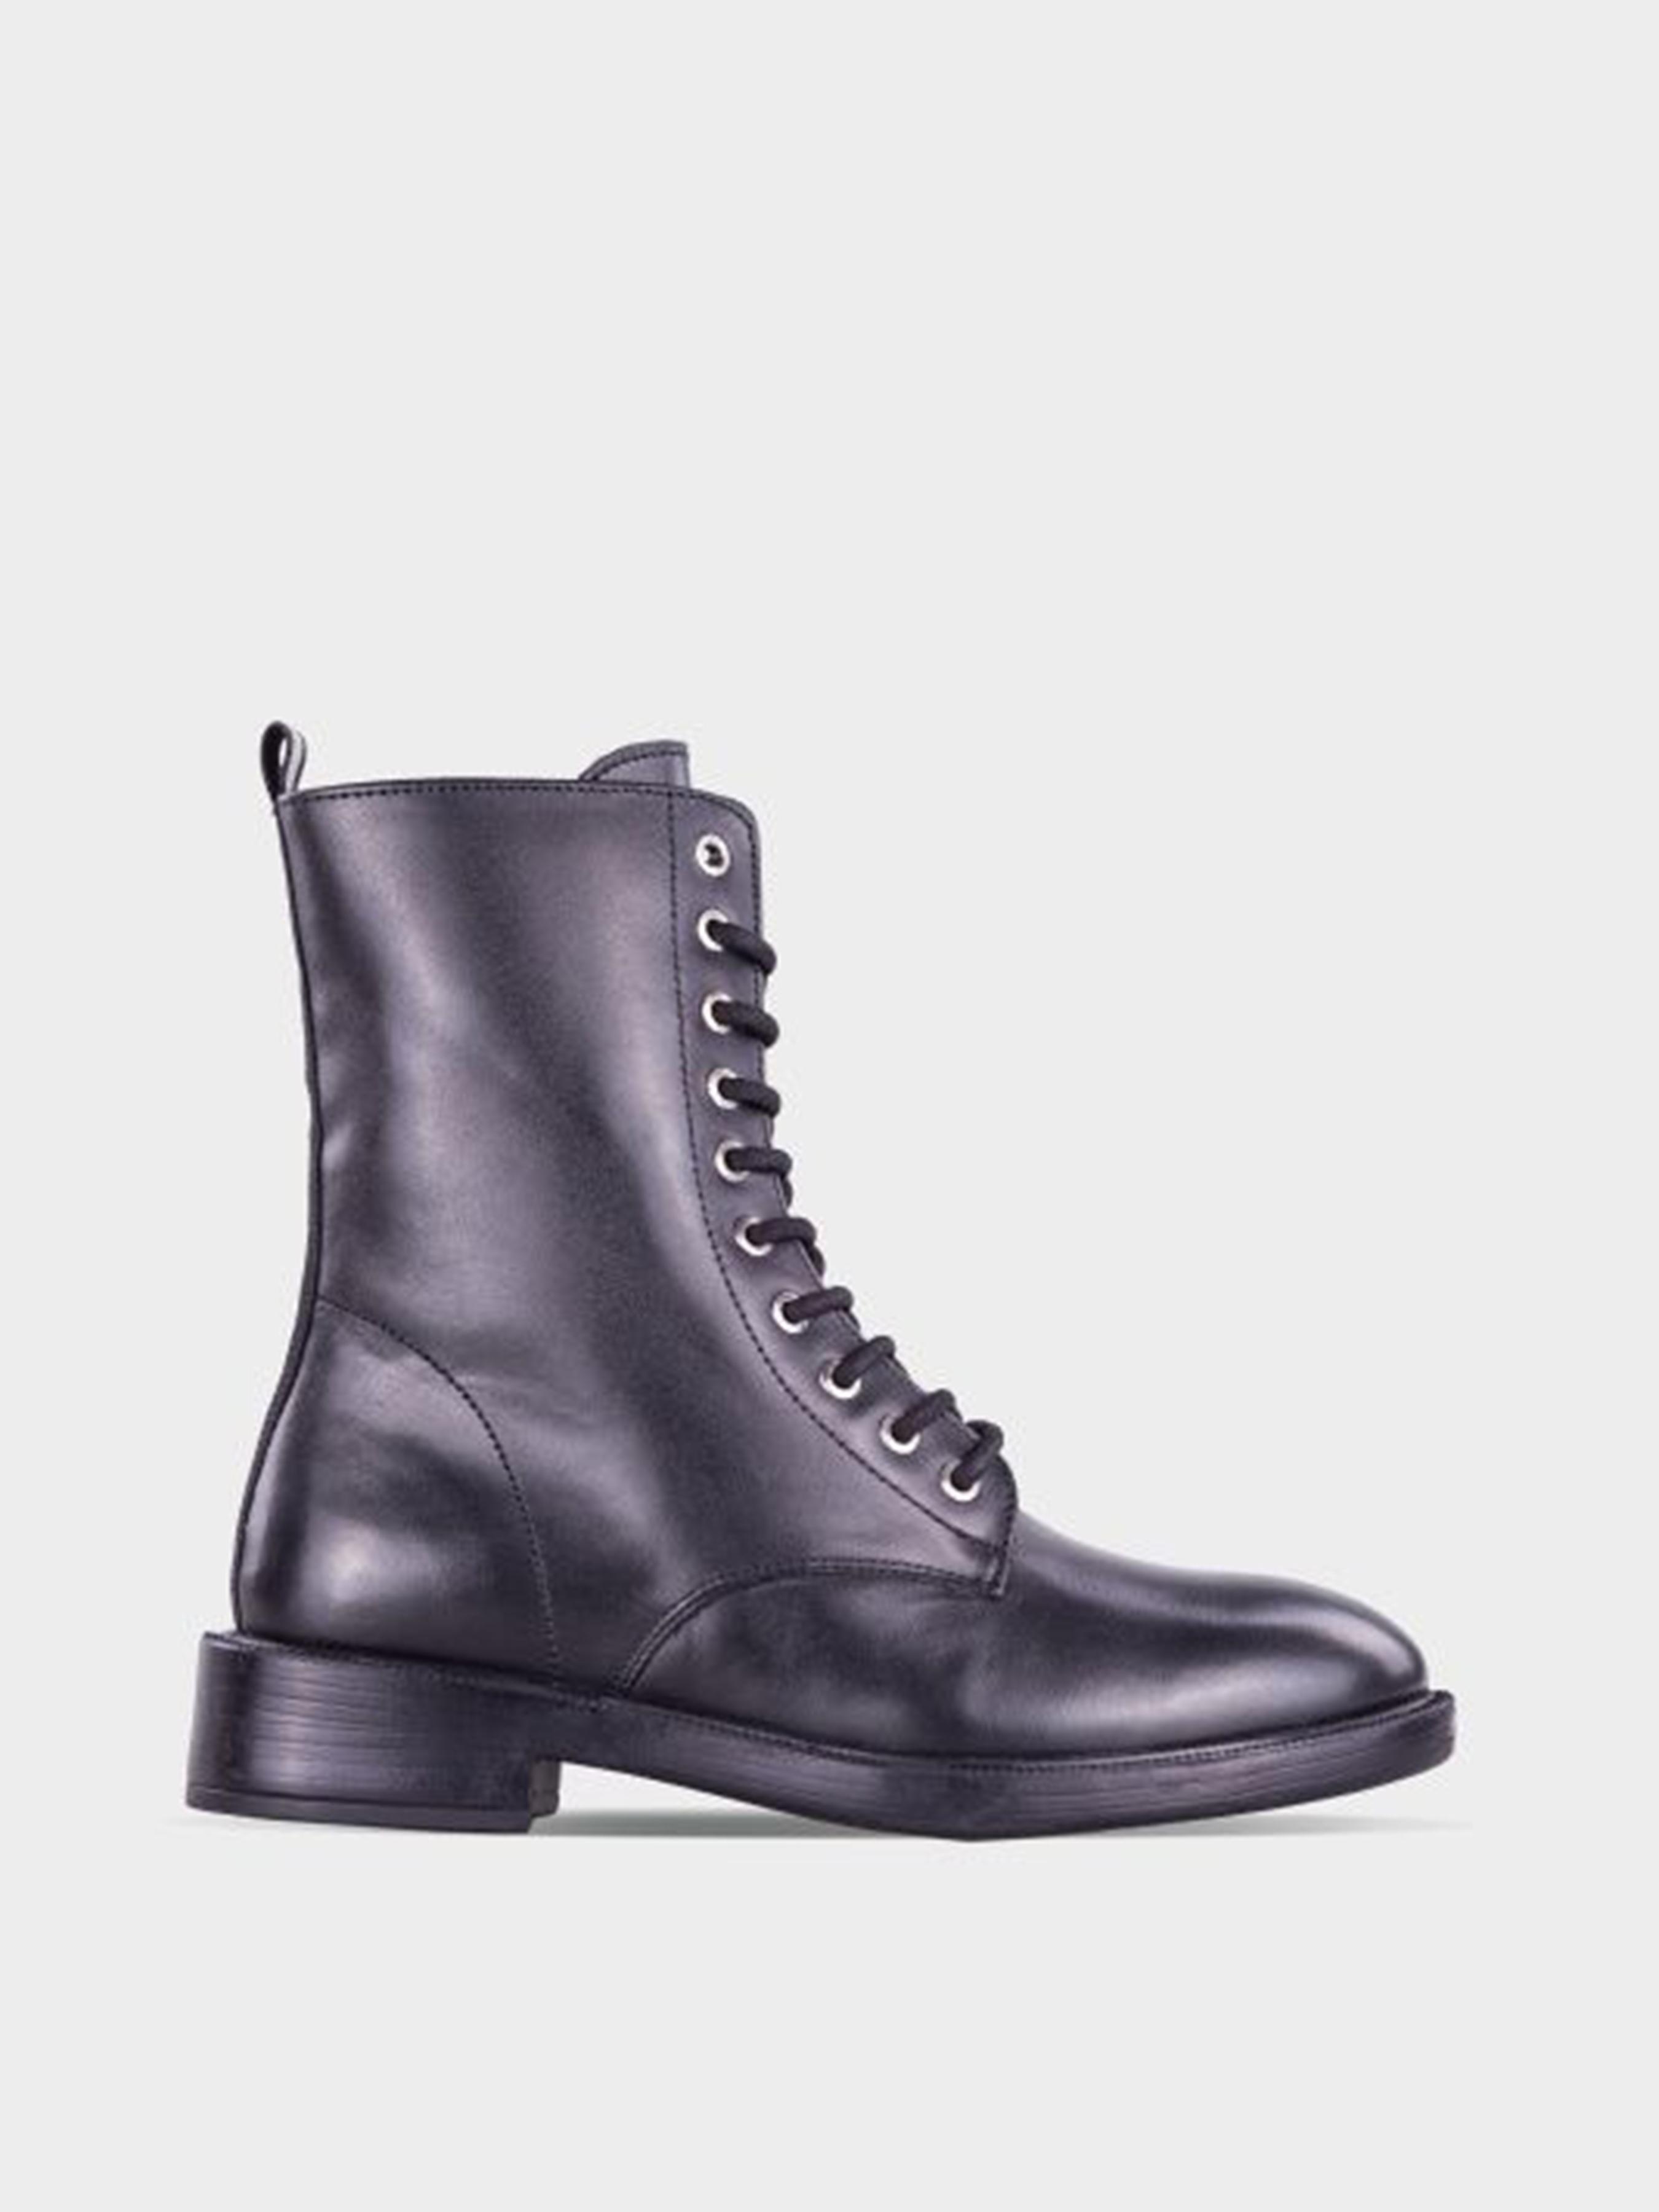 Купить Ботинки женские Braska BS3178, Черный